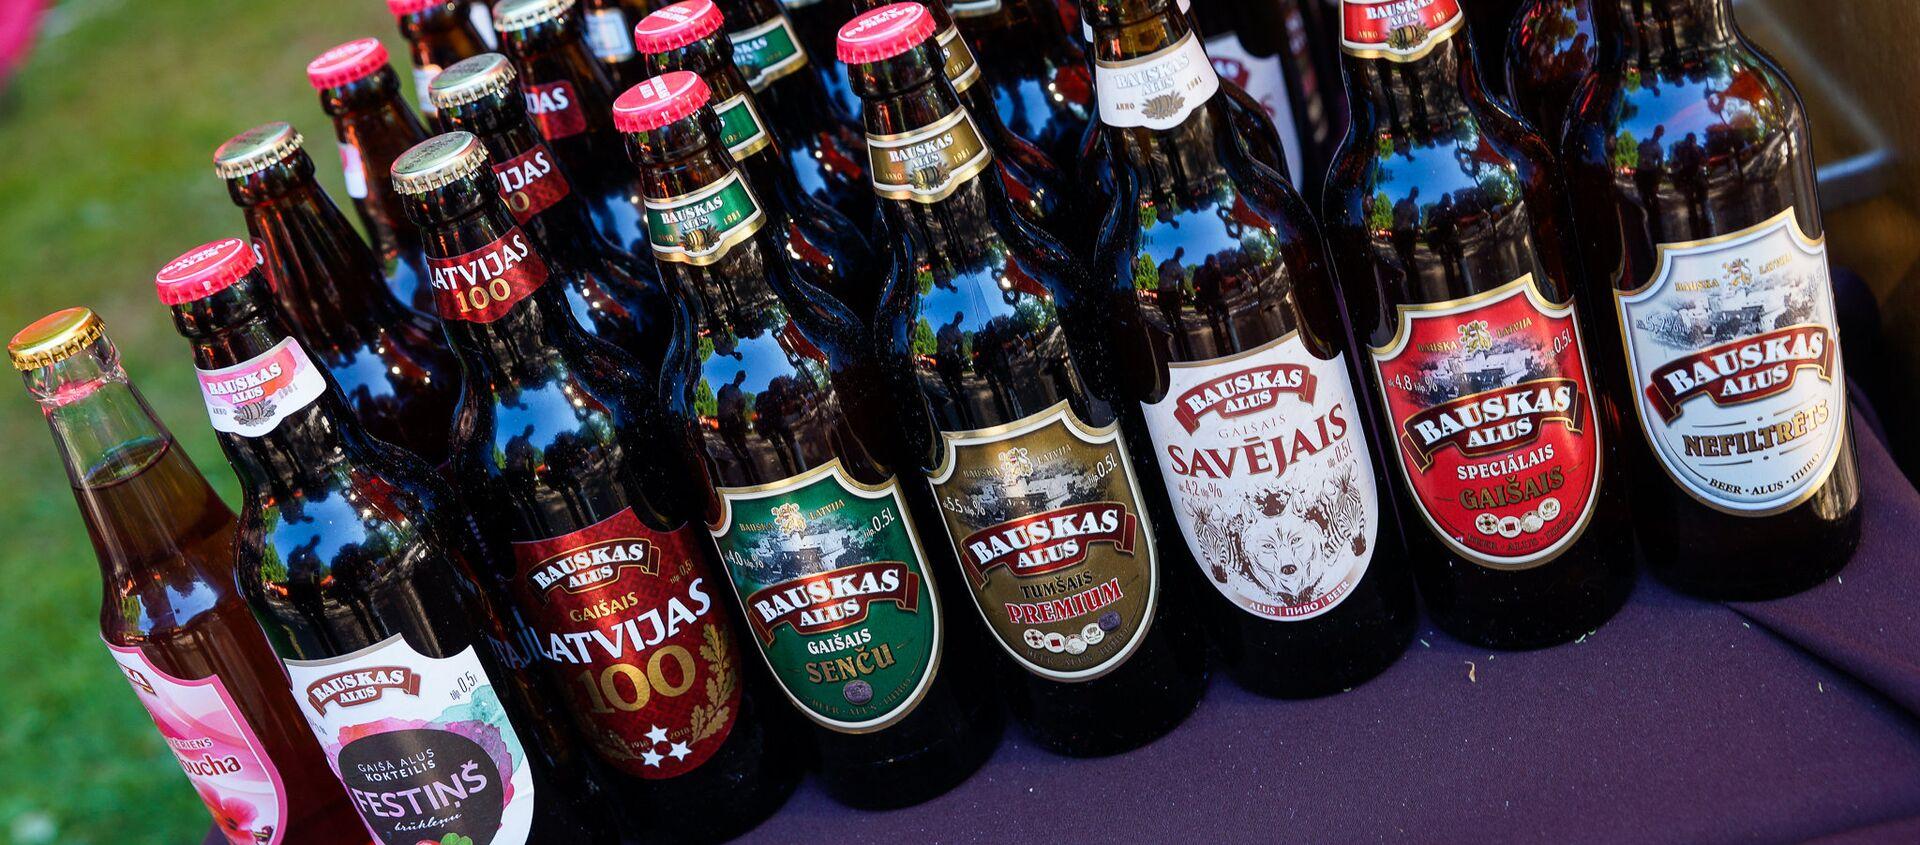 Пиво от латвийского производителя Bauskas alus - Sputnik Latvija, 1920, 19.02.2020